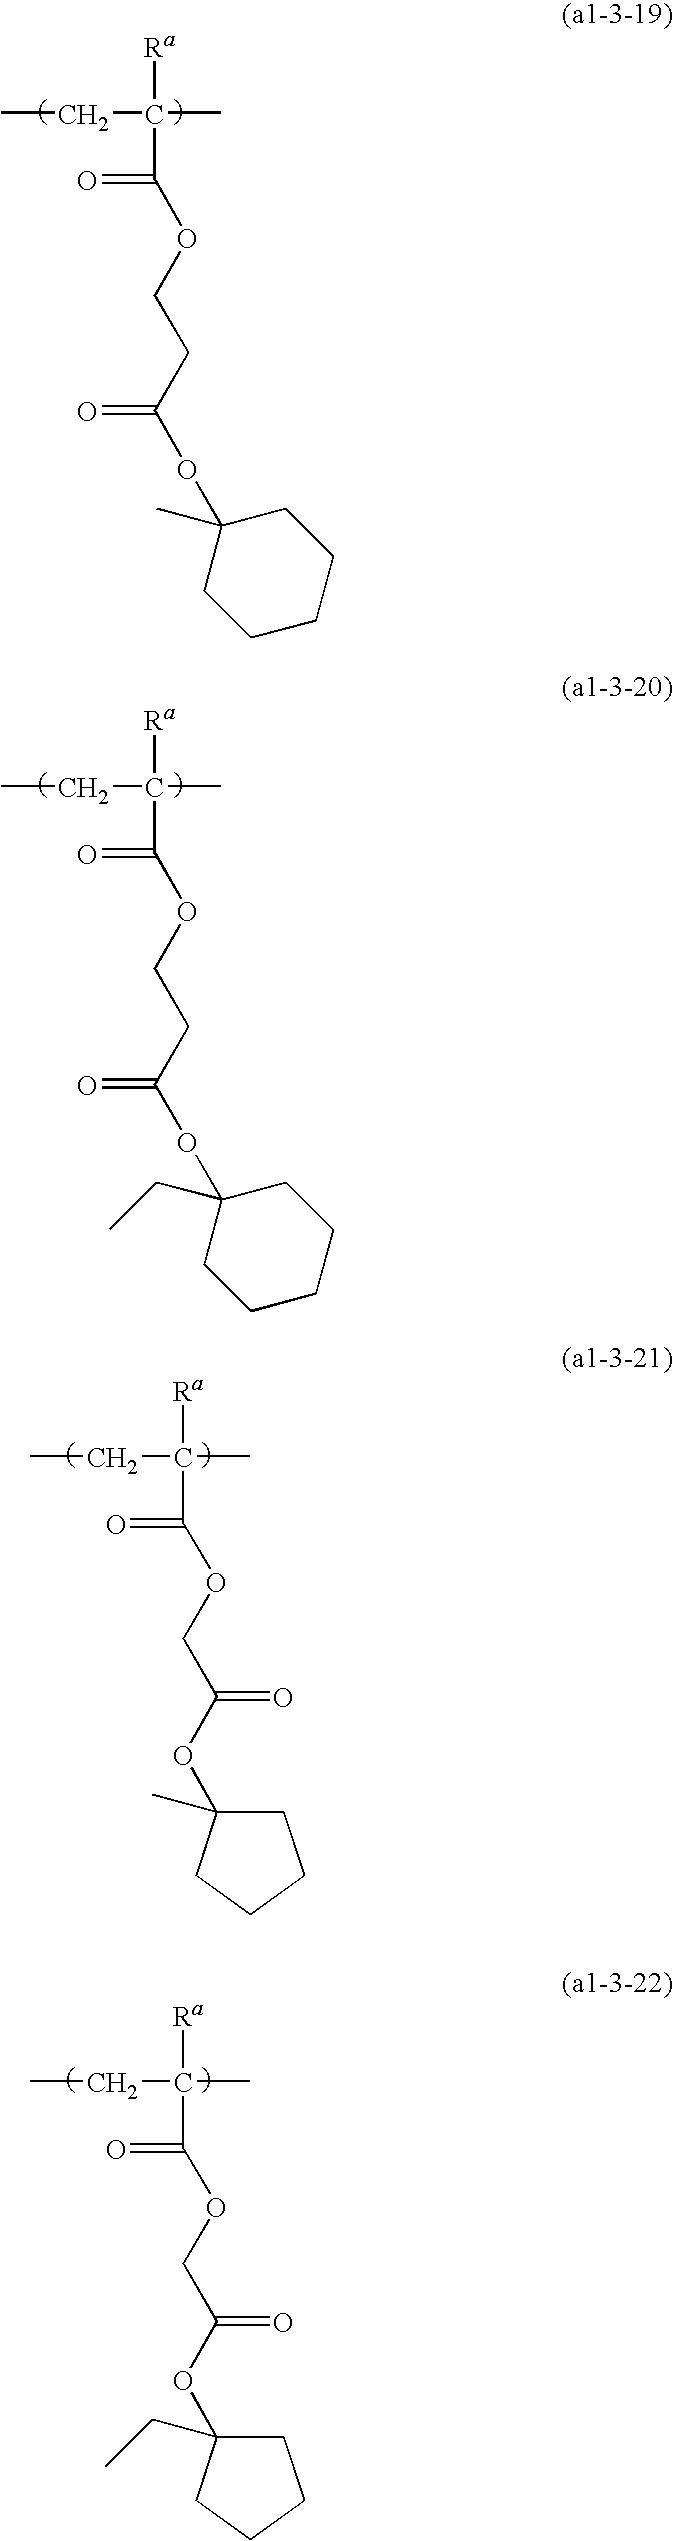 Figure US20100136480A1-20100603-C00038